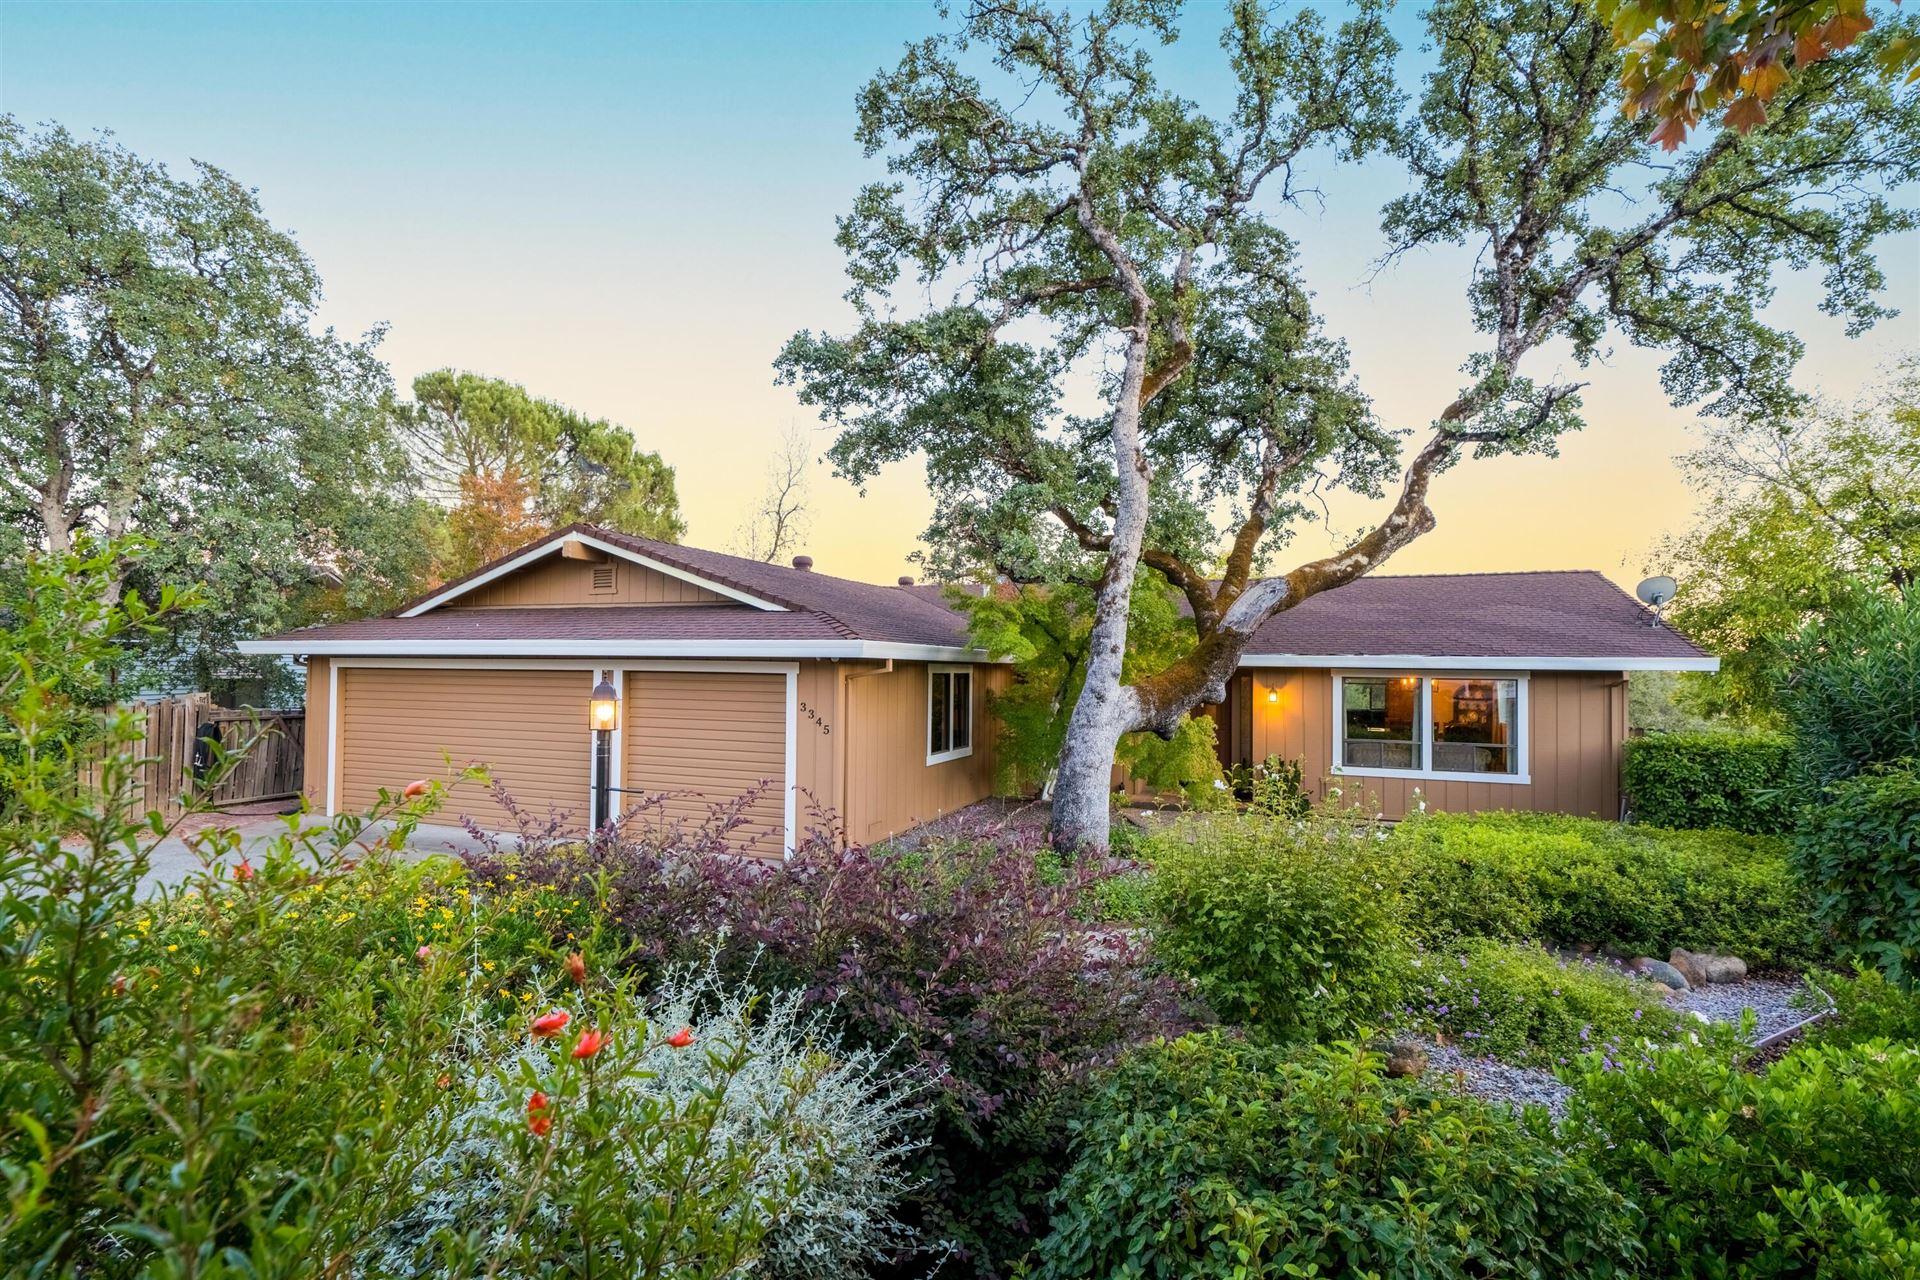 Photo of 3345 Golden Heights Dr, Redding, CA 96003 (MLS # 21-4899)